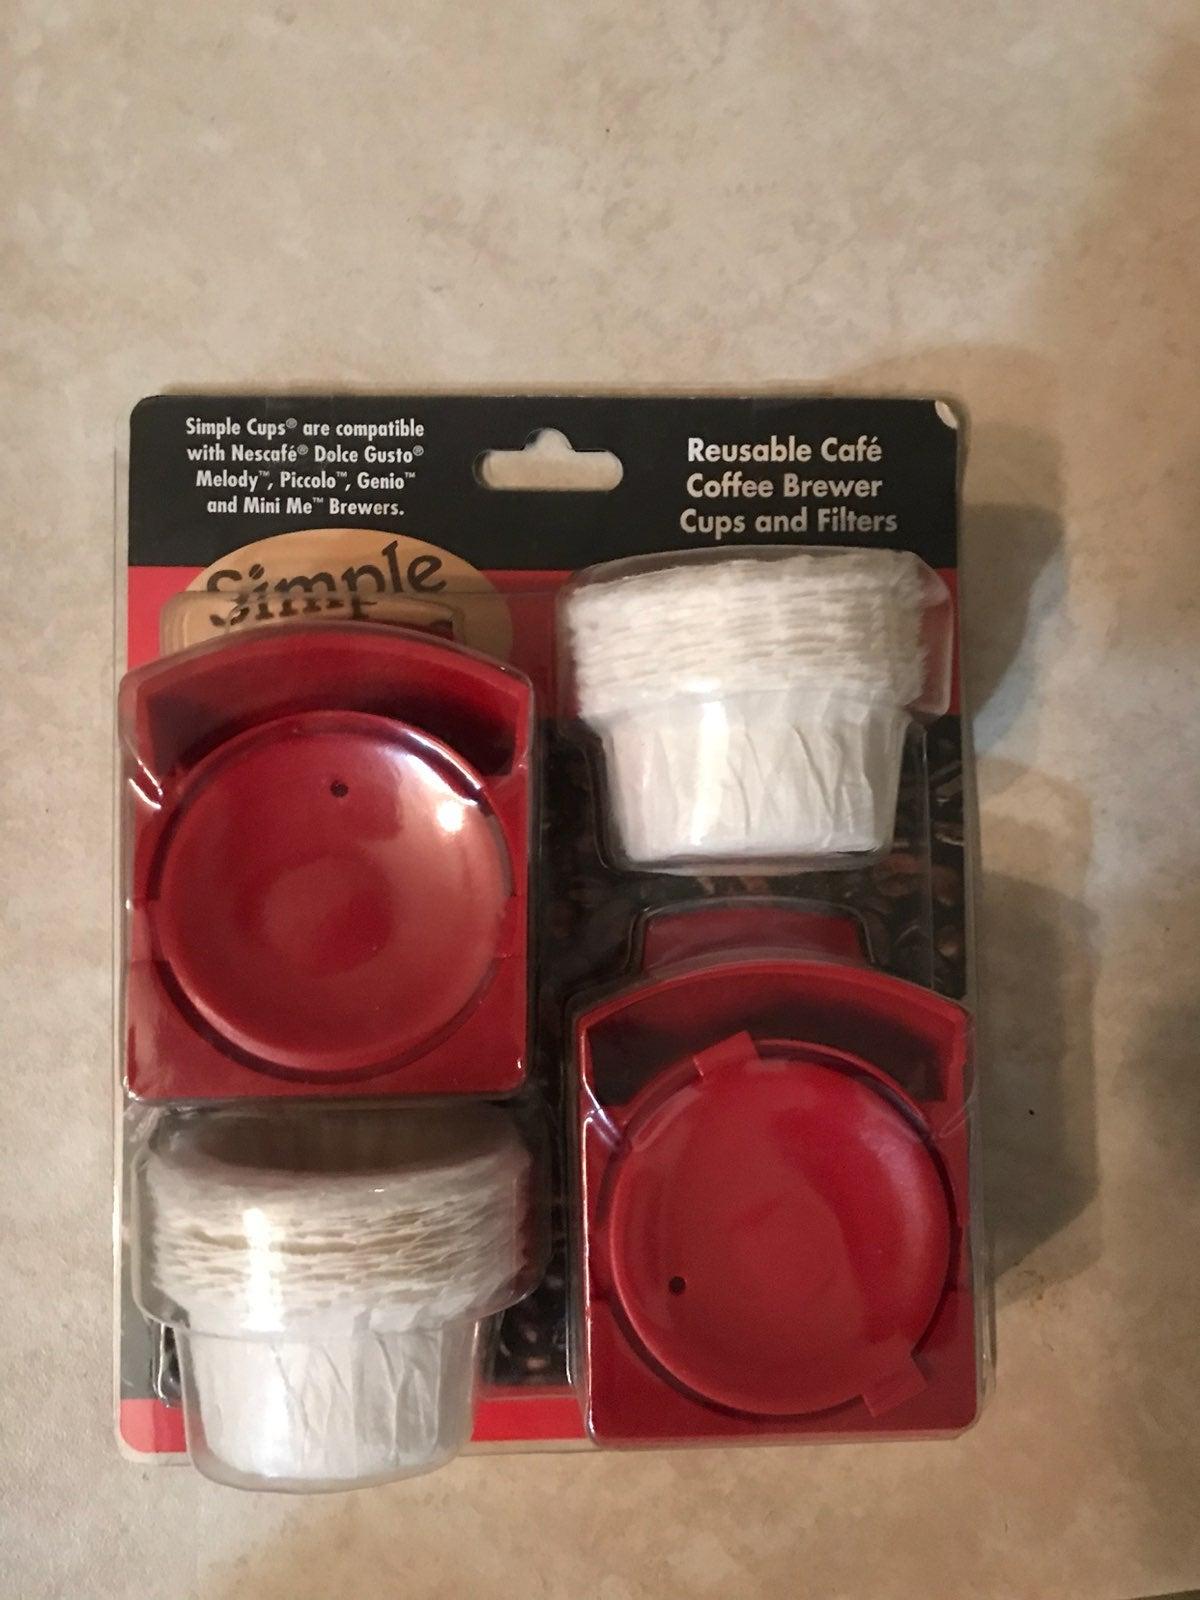 Simple Cups Reusable Nescafé Cups Nib